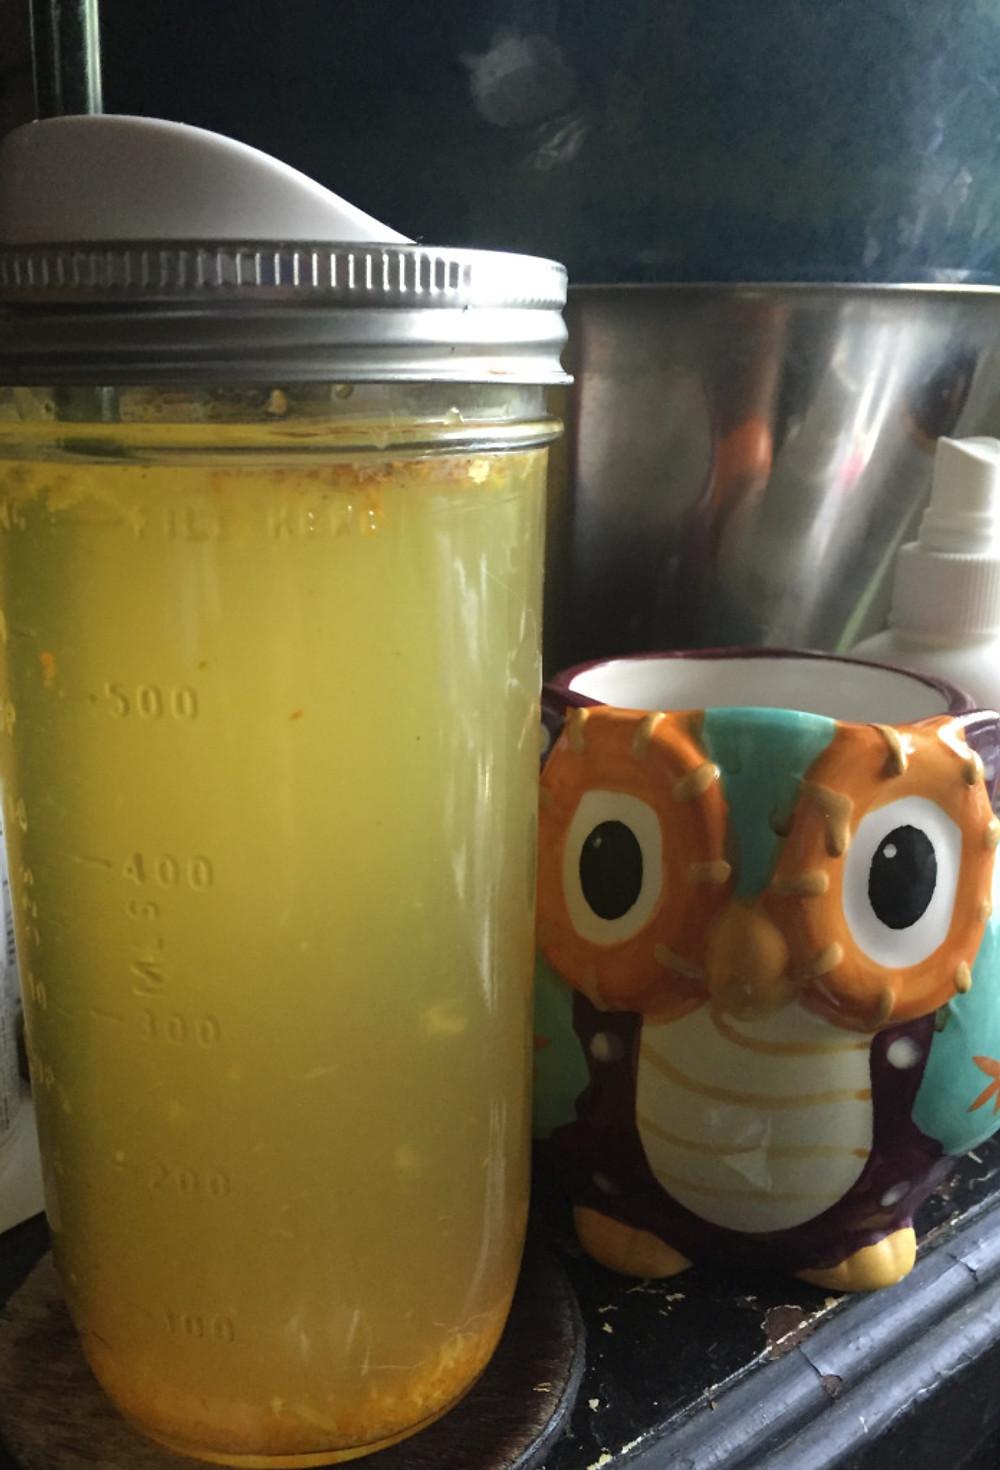 1 lb turmeric, 1 lb ginger